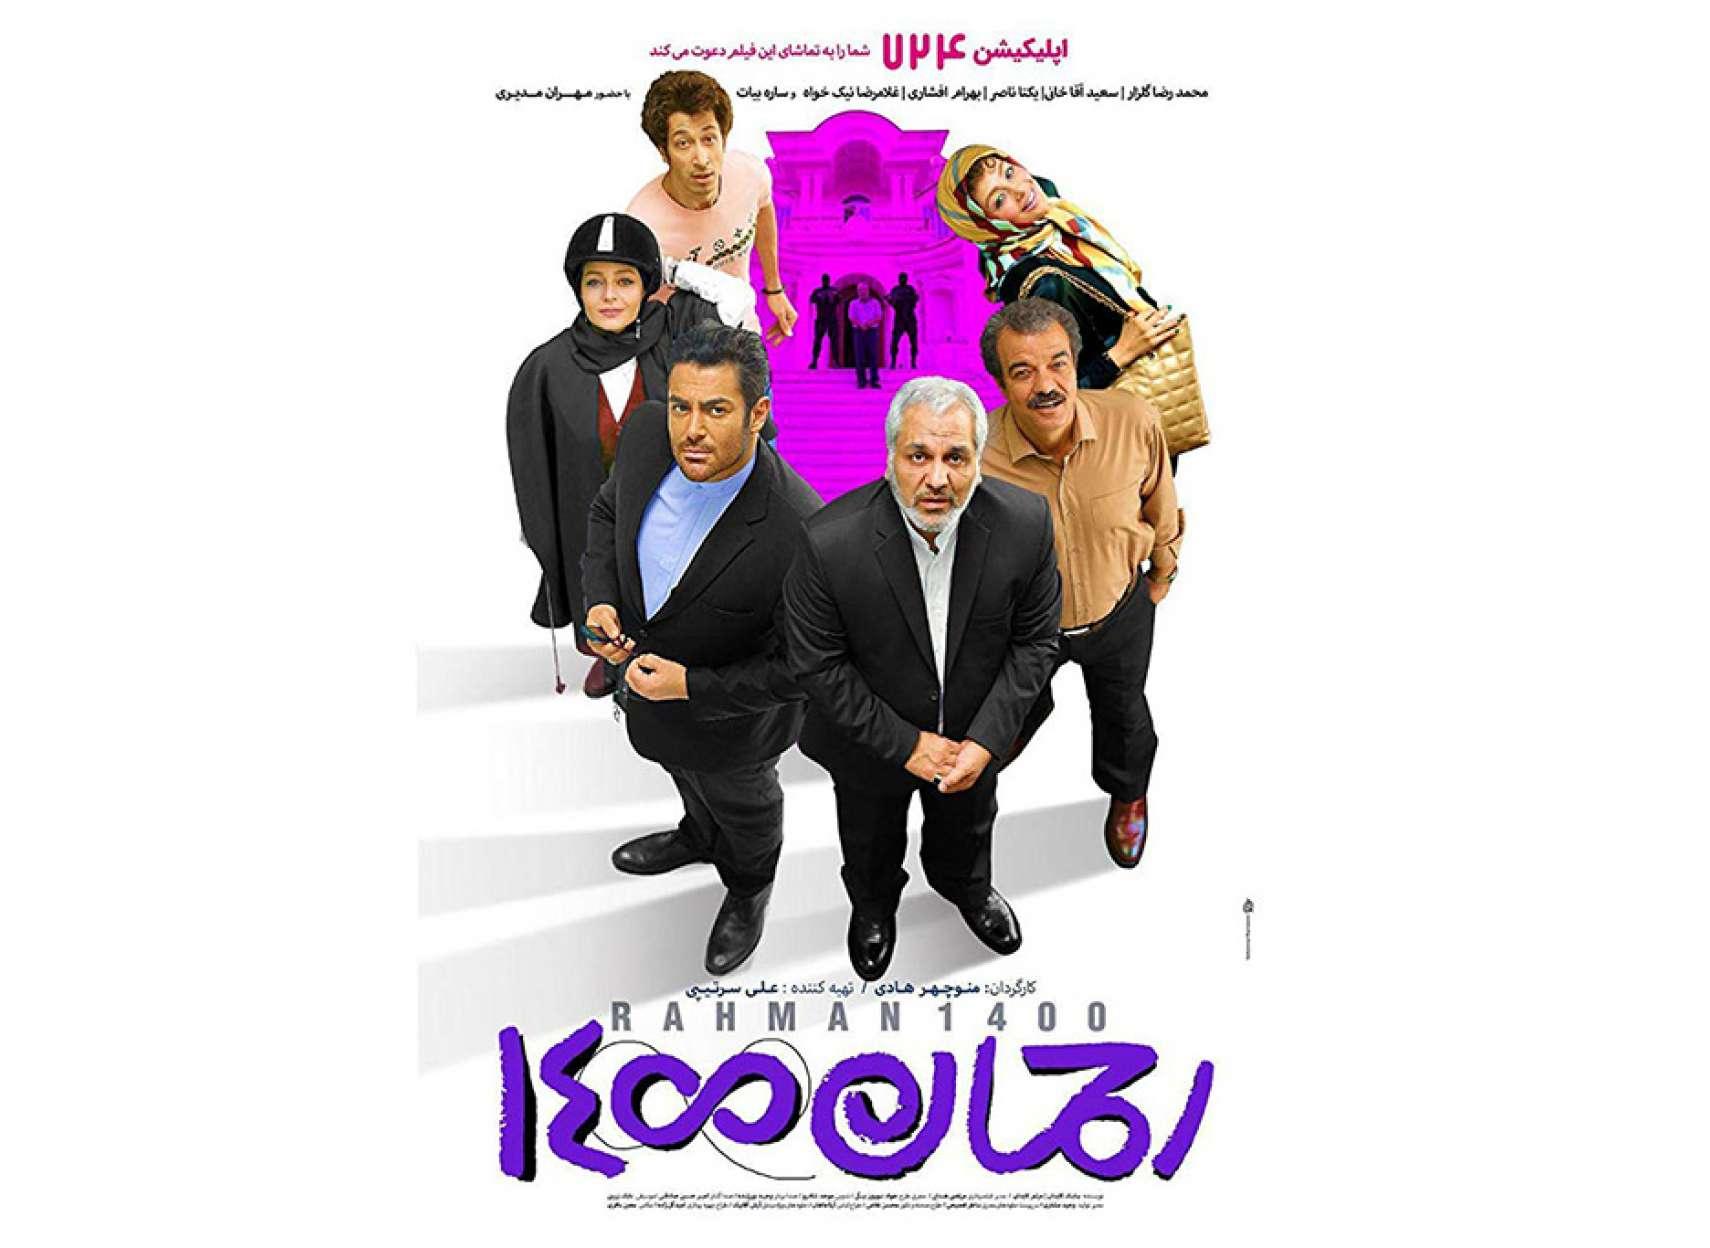 رحمان-1400-ناظمزاده-فیلم